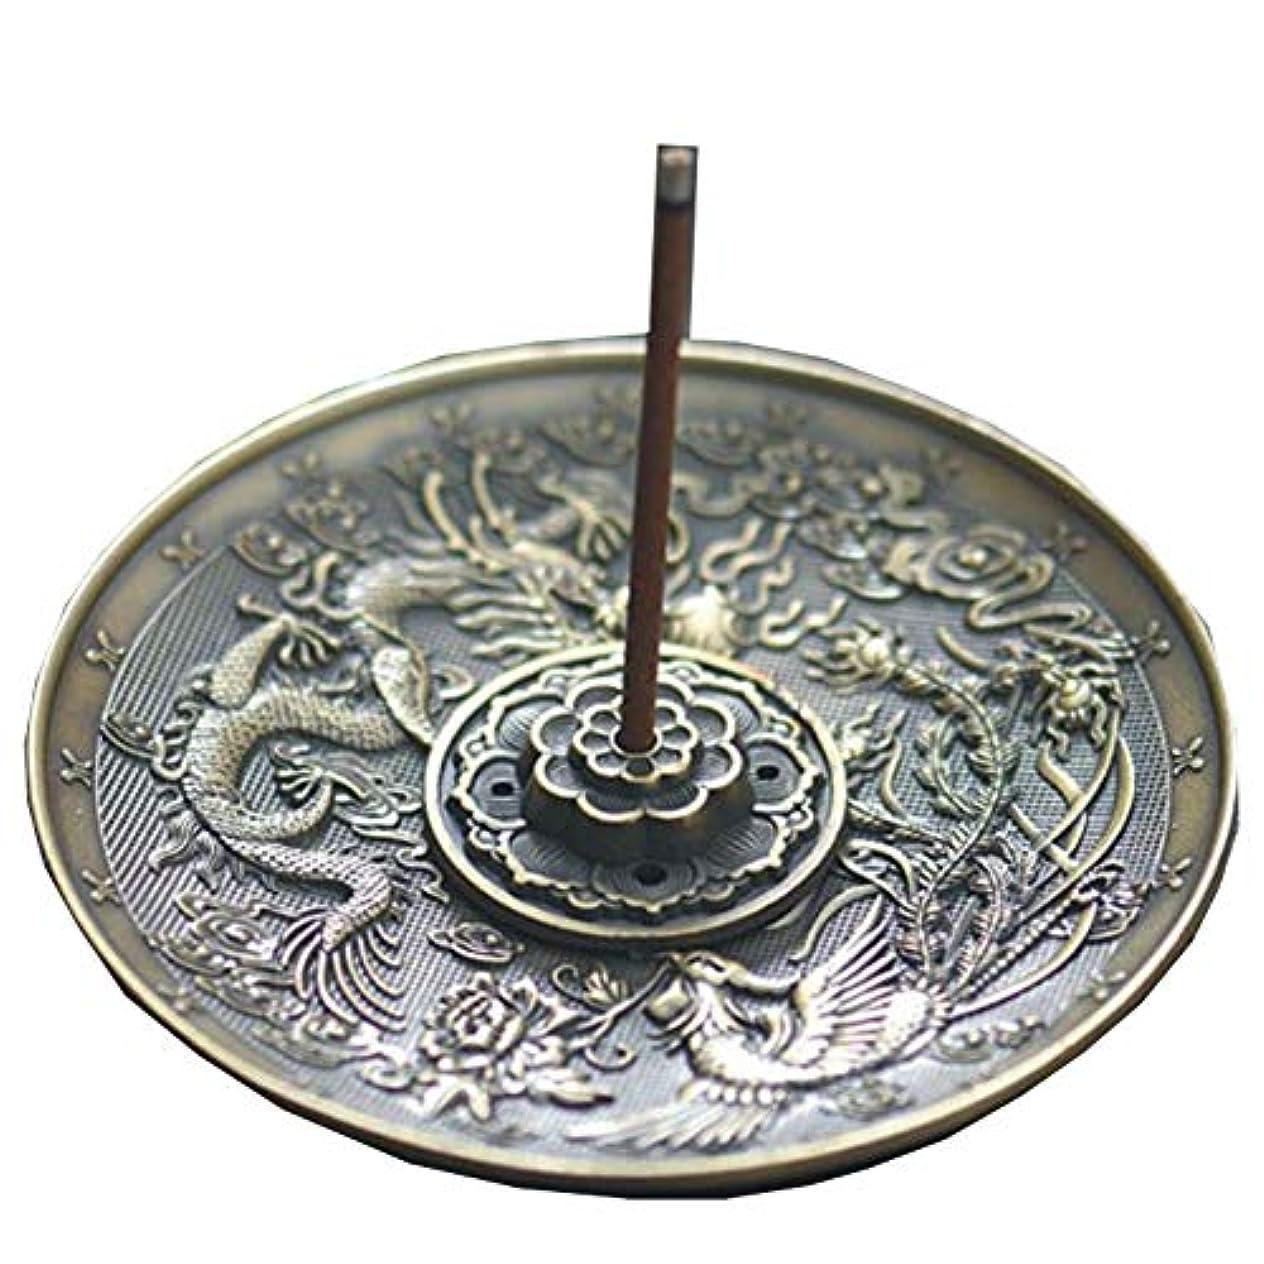 屋内で評議会官僚[RADISSY] お香立て 香炉 香皿 スティック 円錐 タイプ お香 スタンド 龍のデザイン (青銅色5穴)